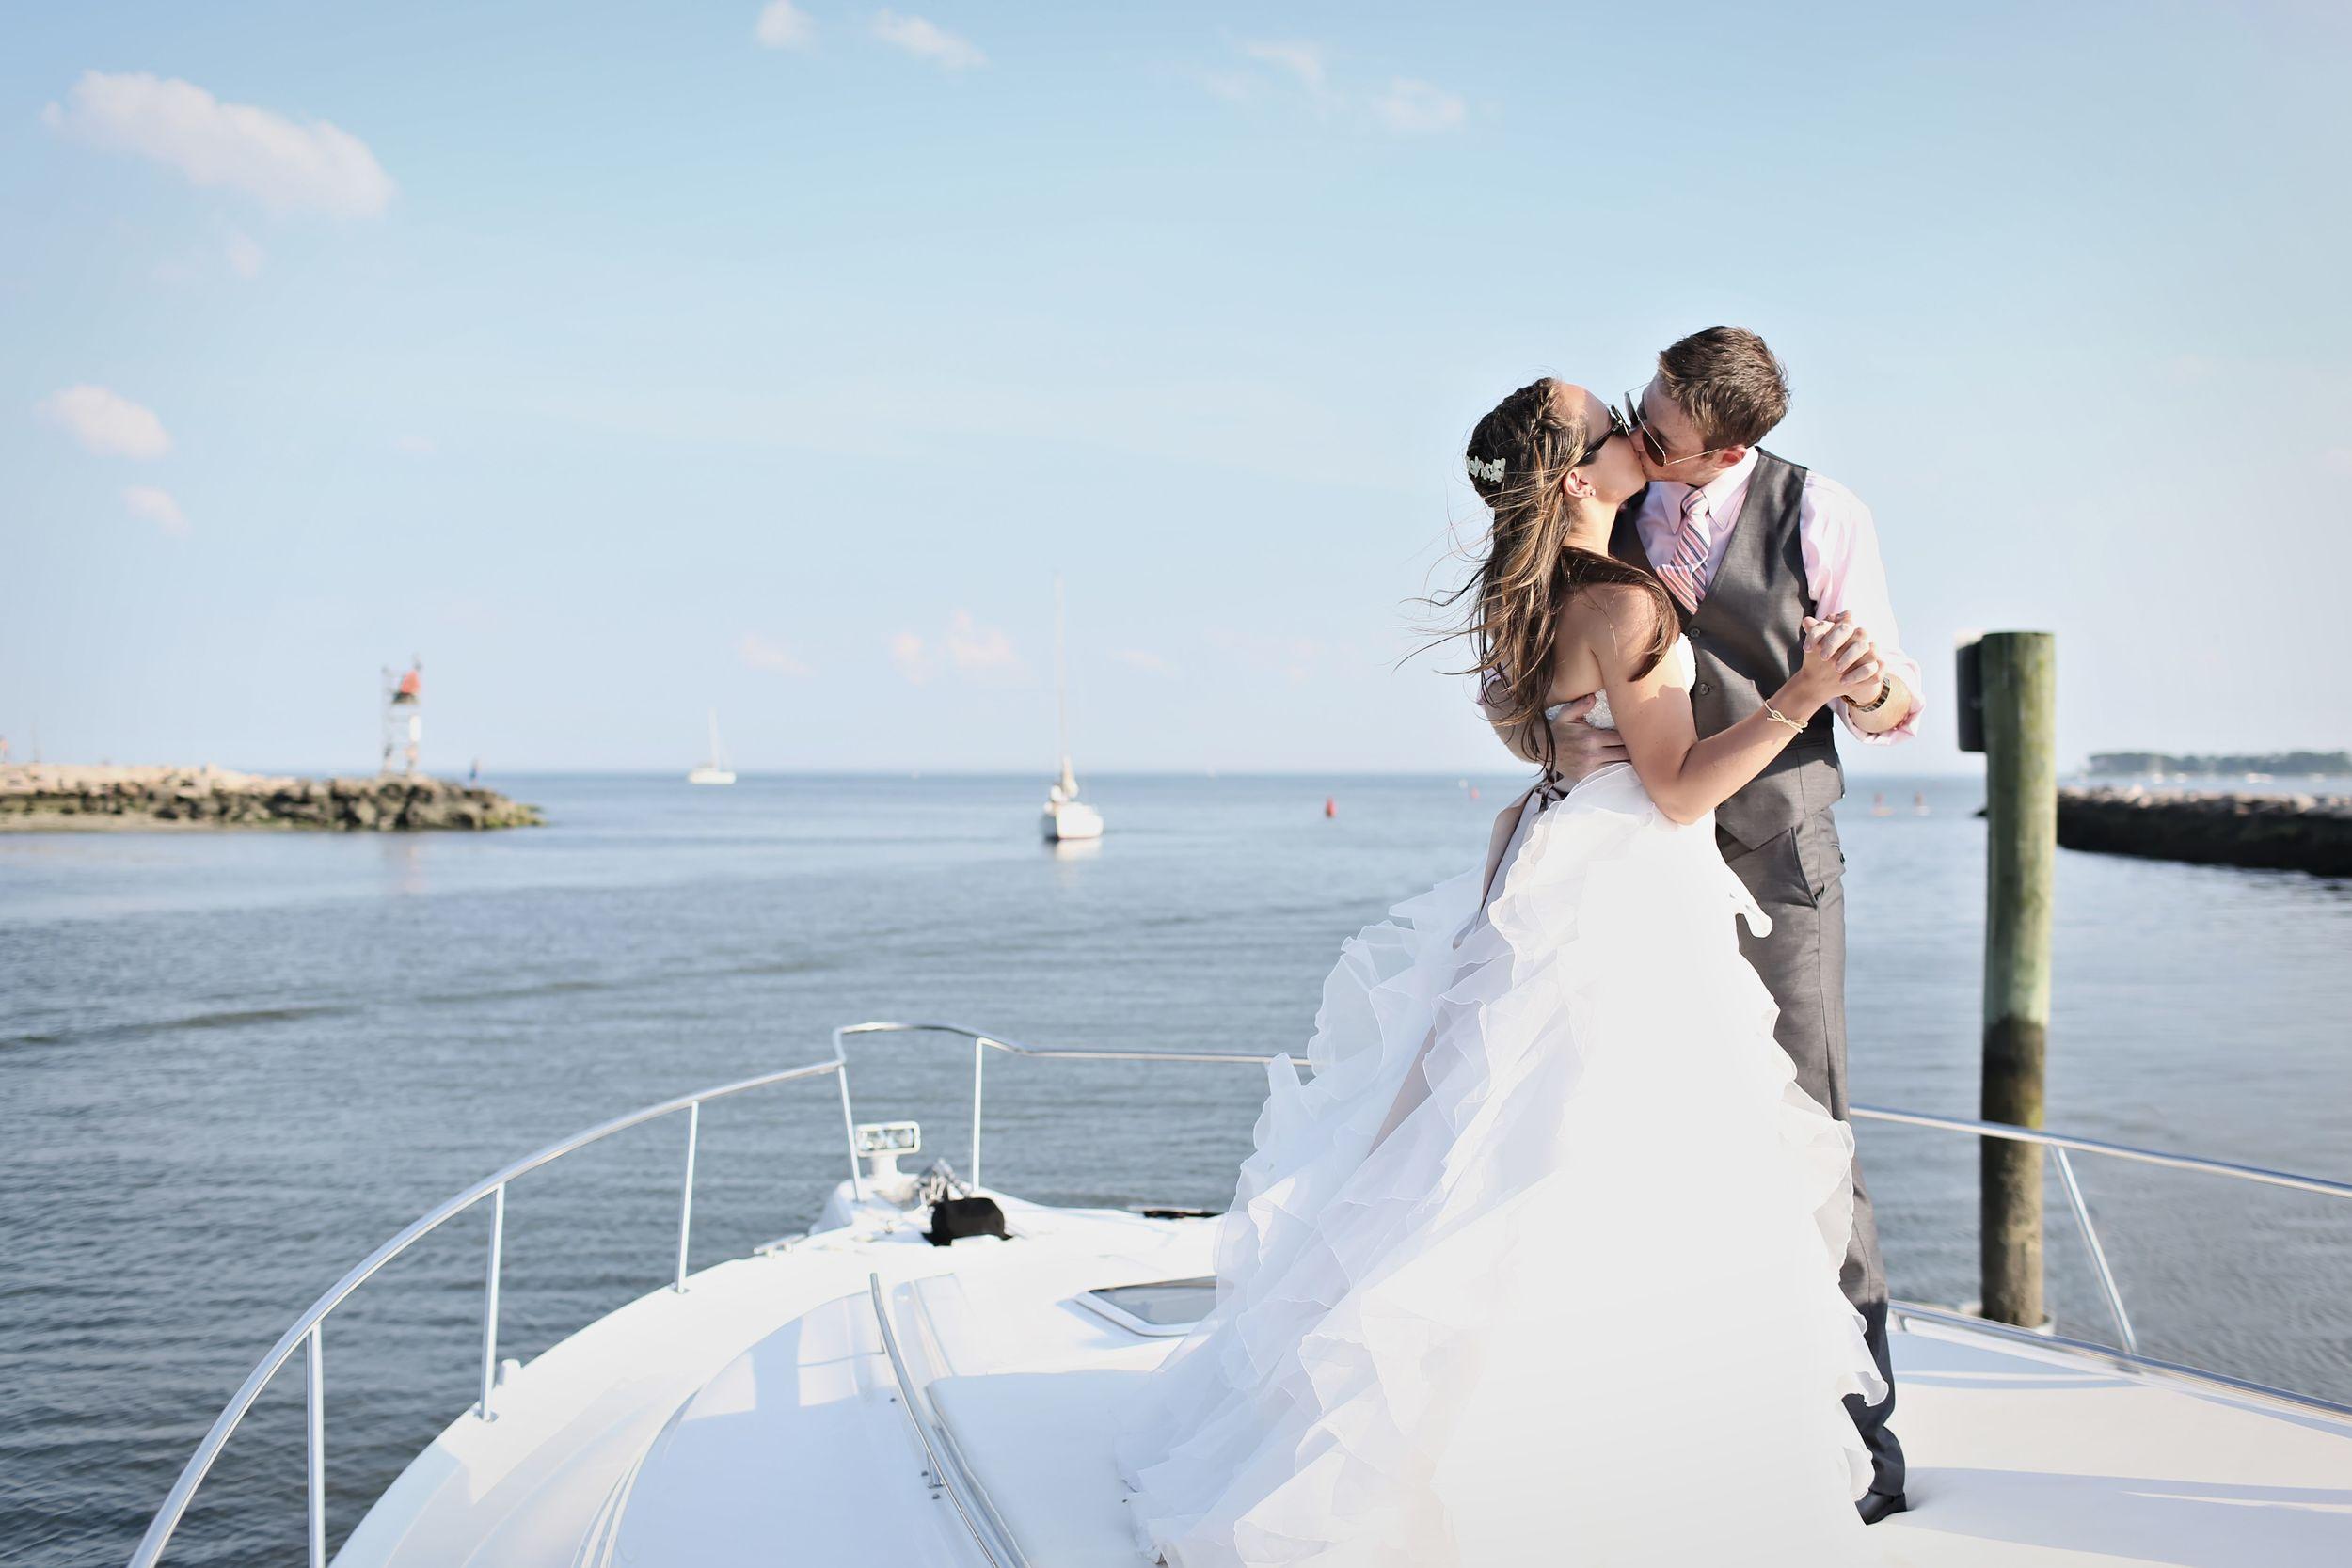 Milford Yacht Club Wedding Fairfield County Wedding Amy Champagne Events29.jpg